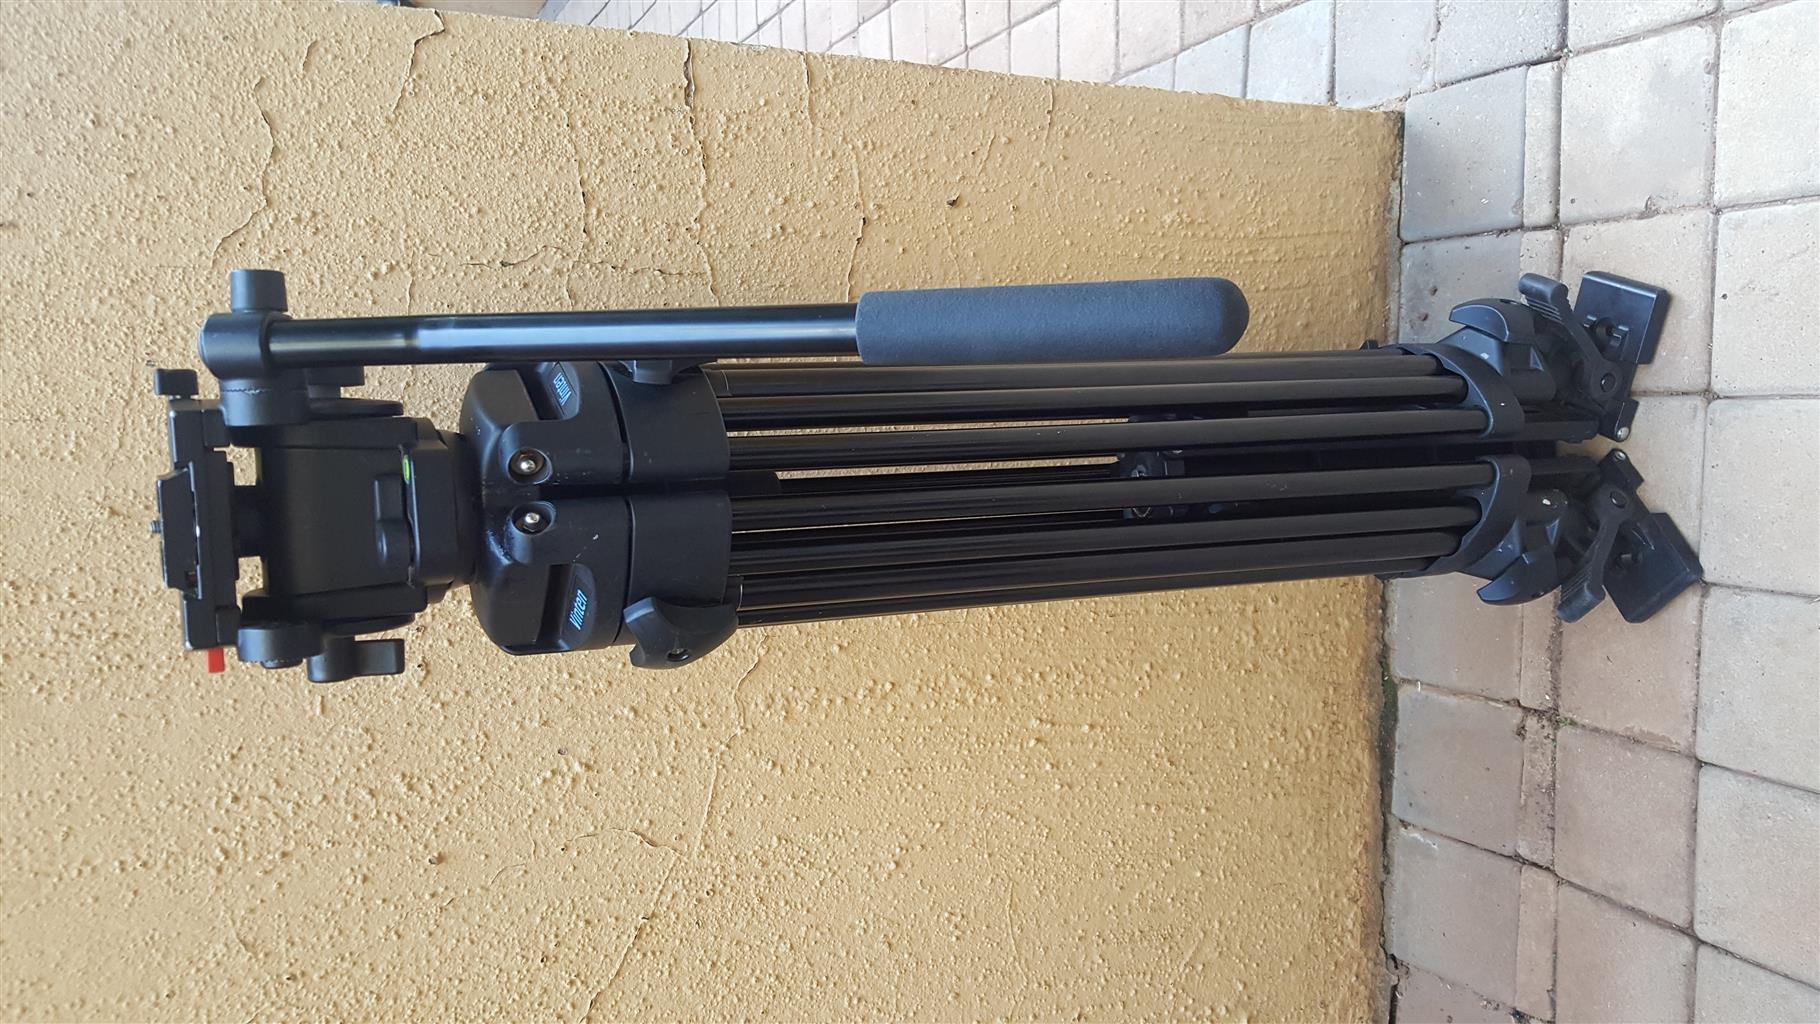 Vinten Pro PT520 Tripod in hard carry case